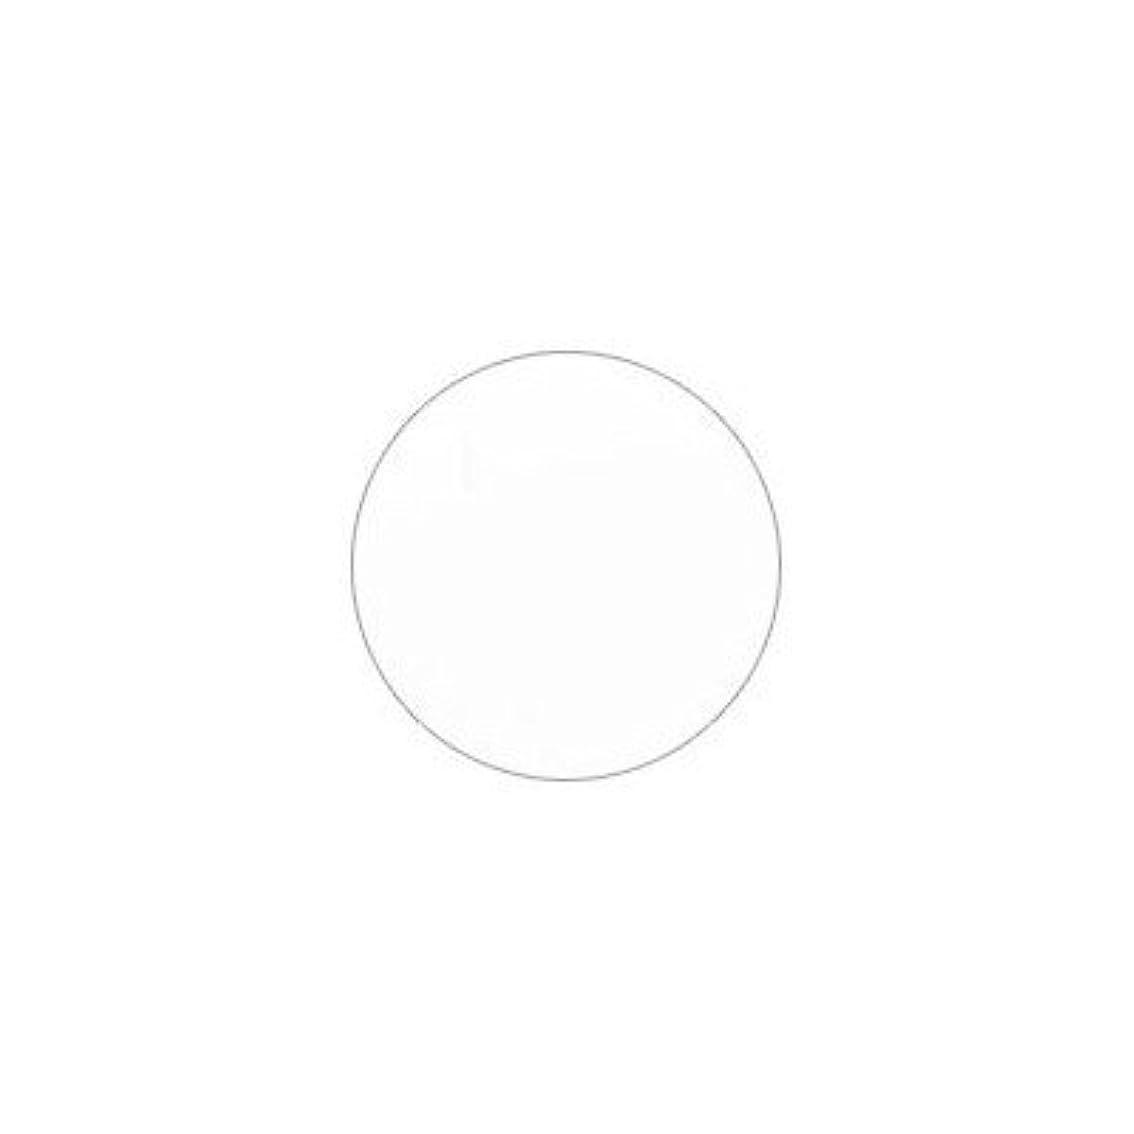 アクチュエータイヤホン対象プティール カラージェル キャンディー C1 ホワイト